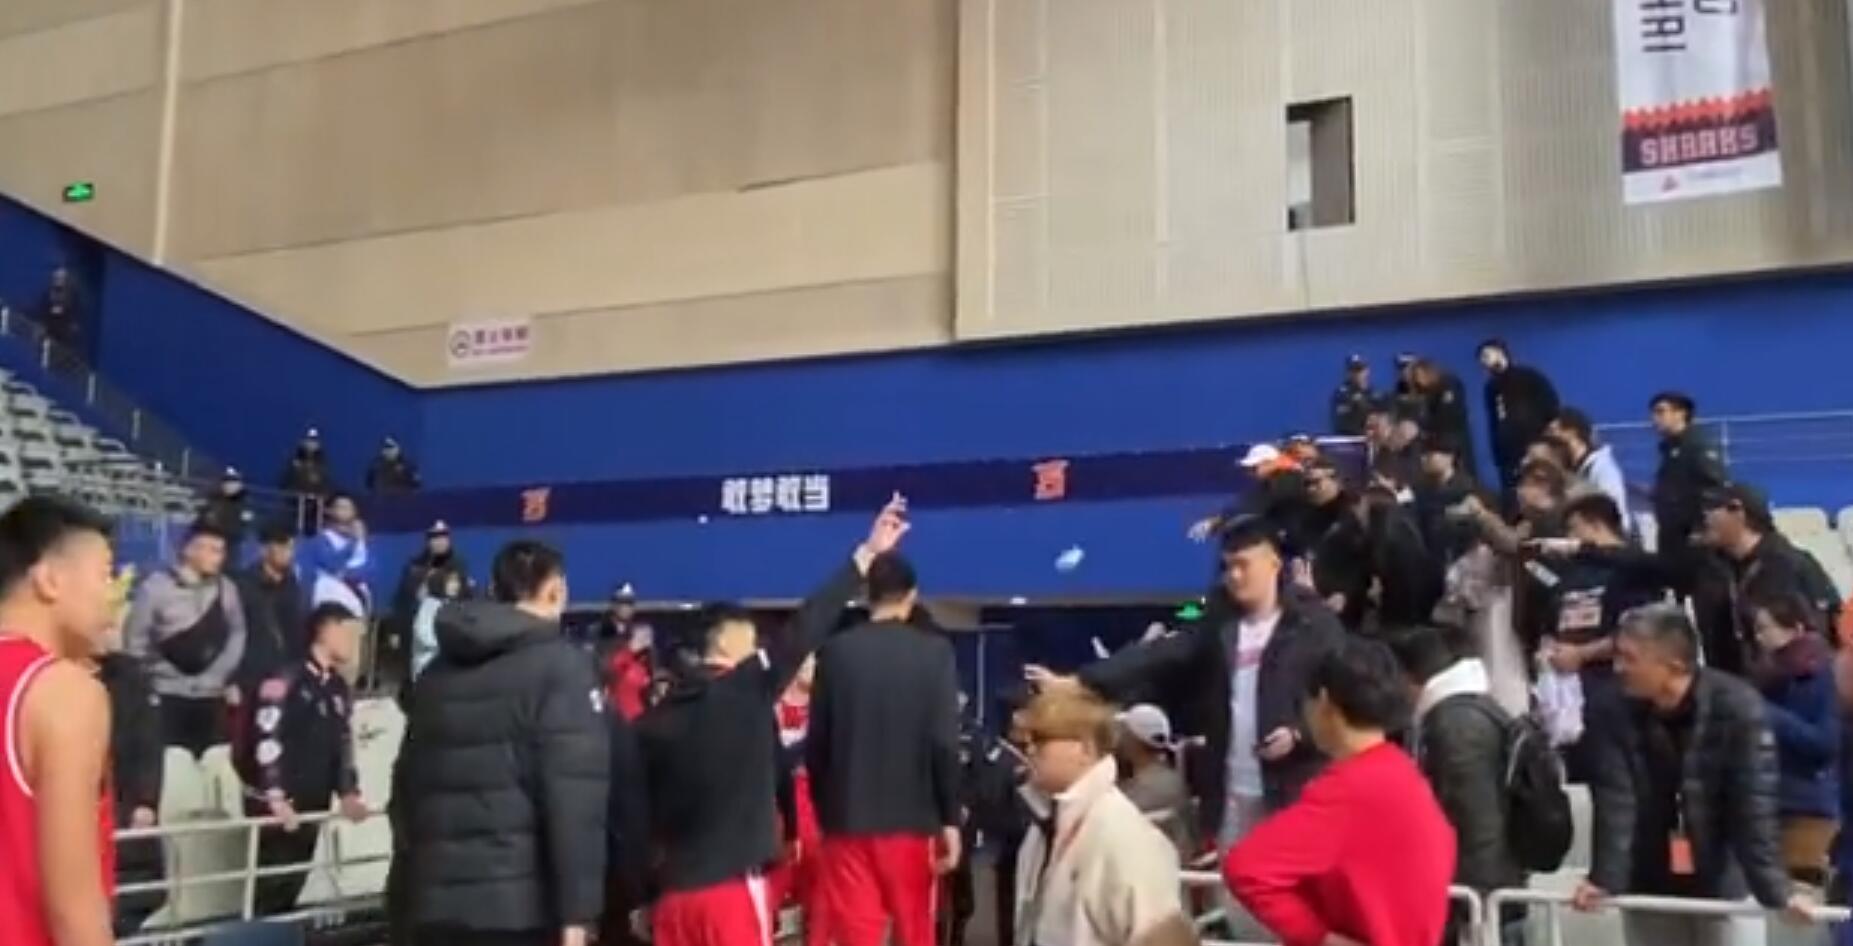 一名球迷向青岛队球员投掷杂物。